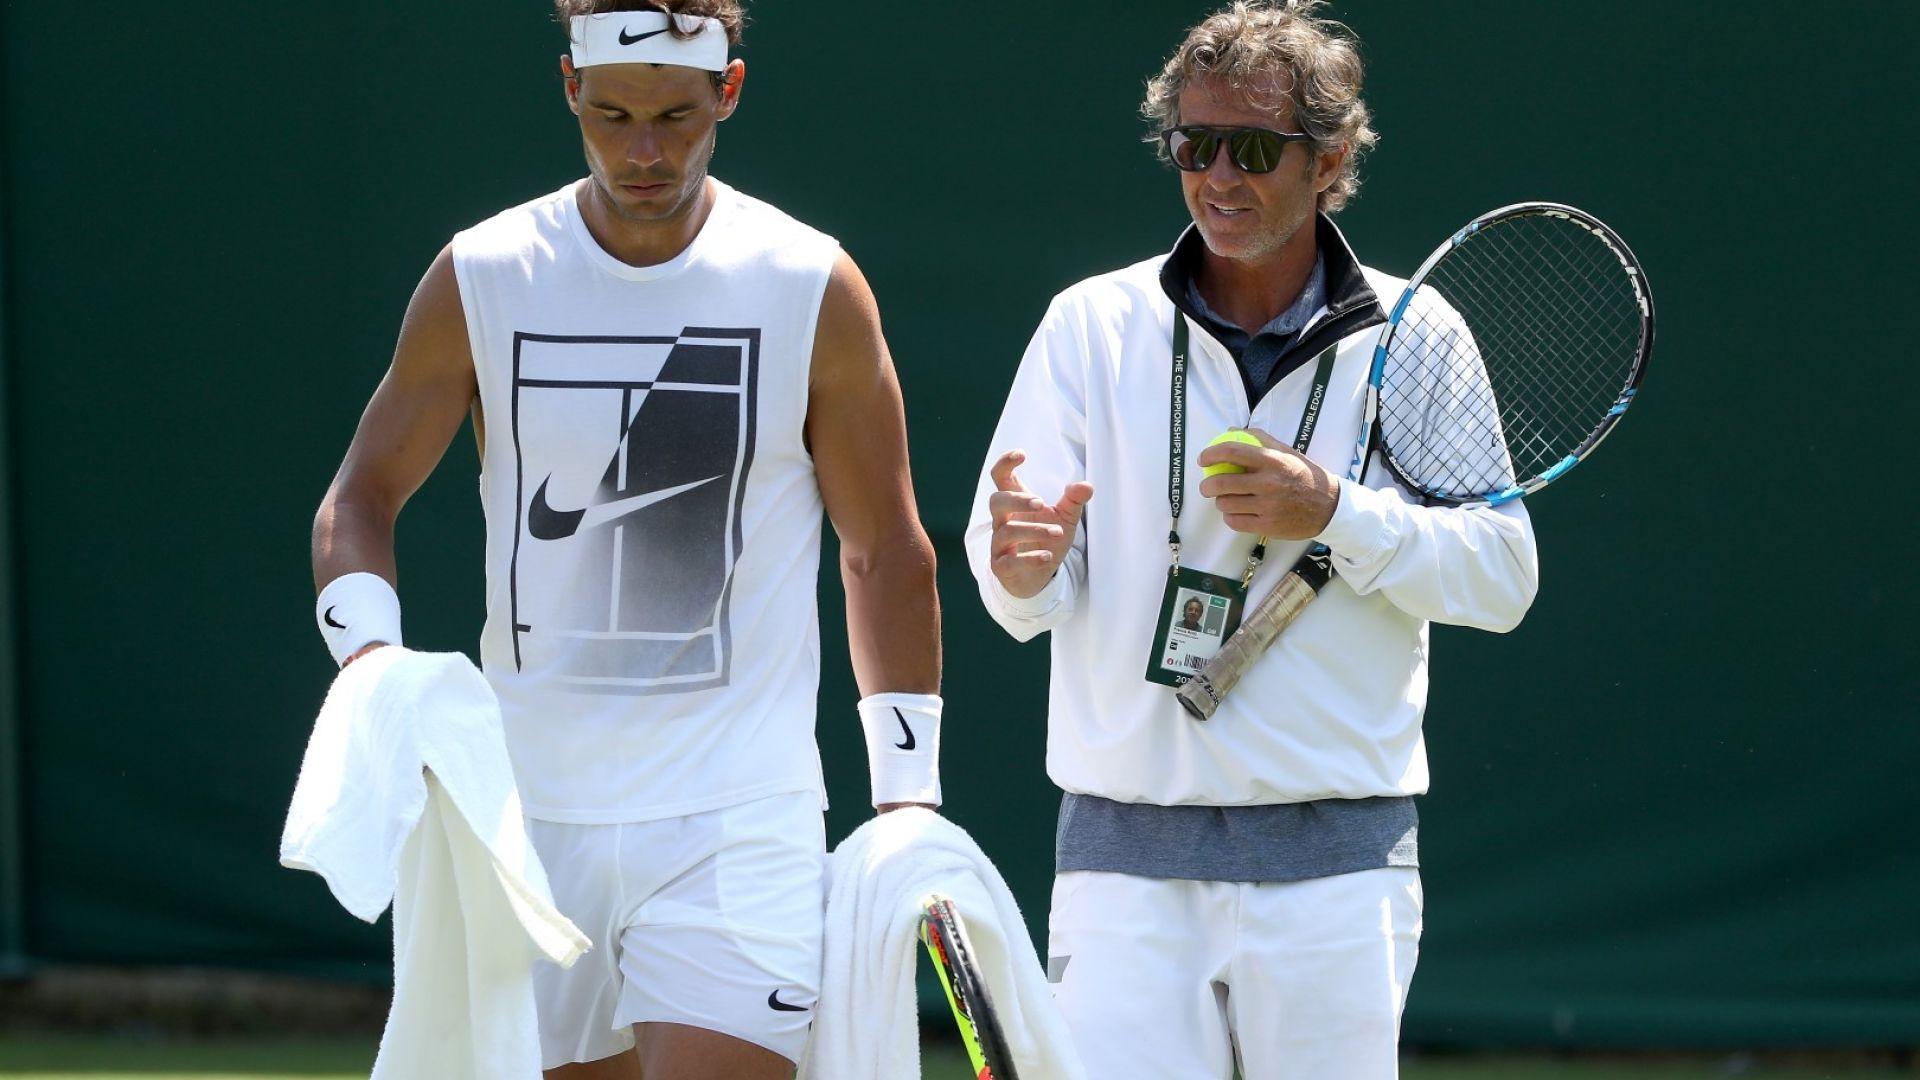 Треньор на Надал: Ако Рафа беше спрял, това щеше да стори и Федерер